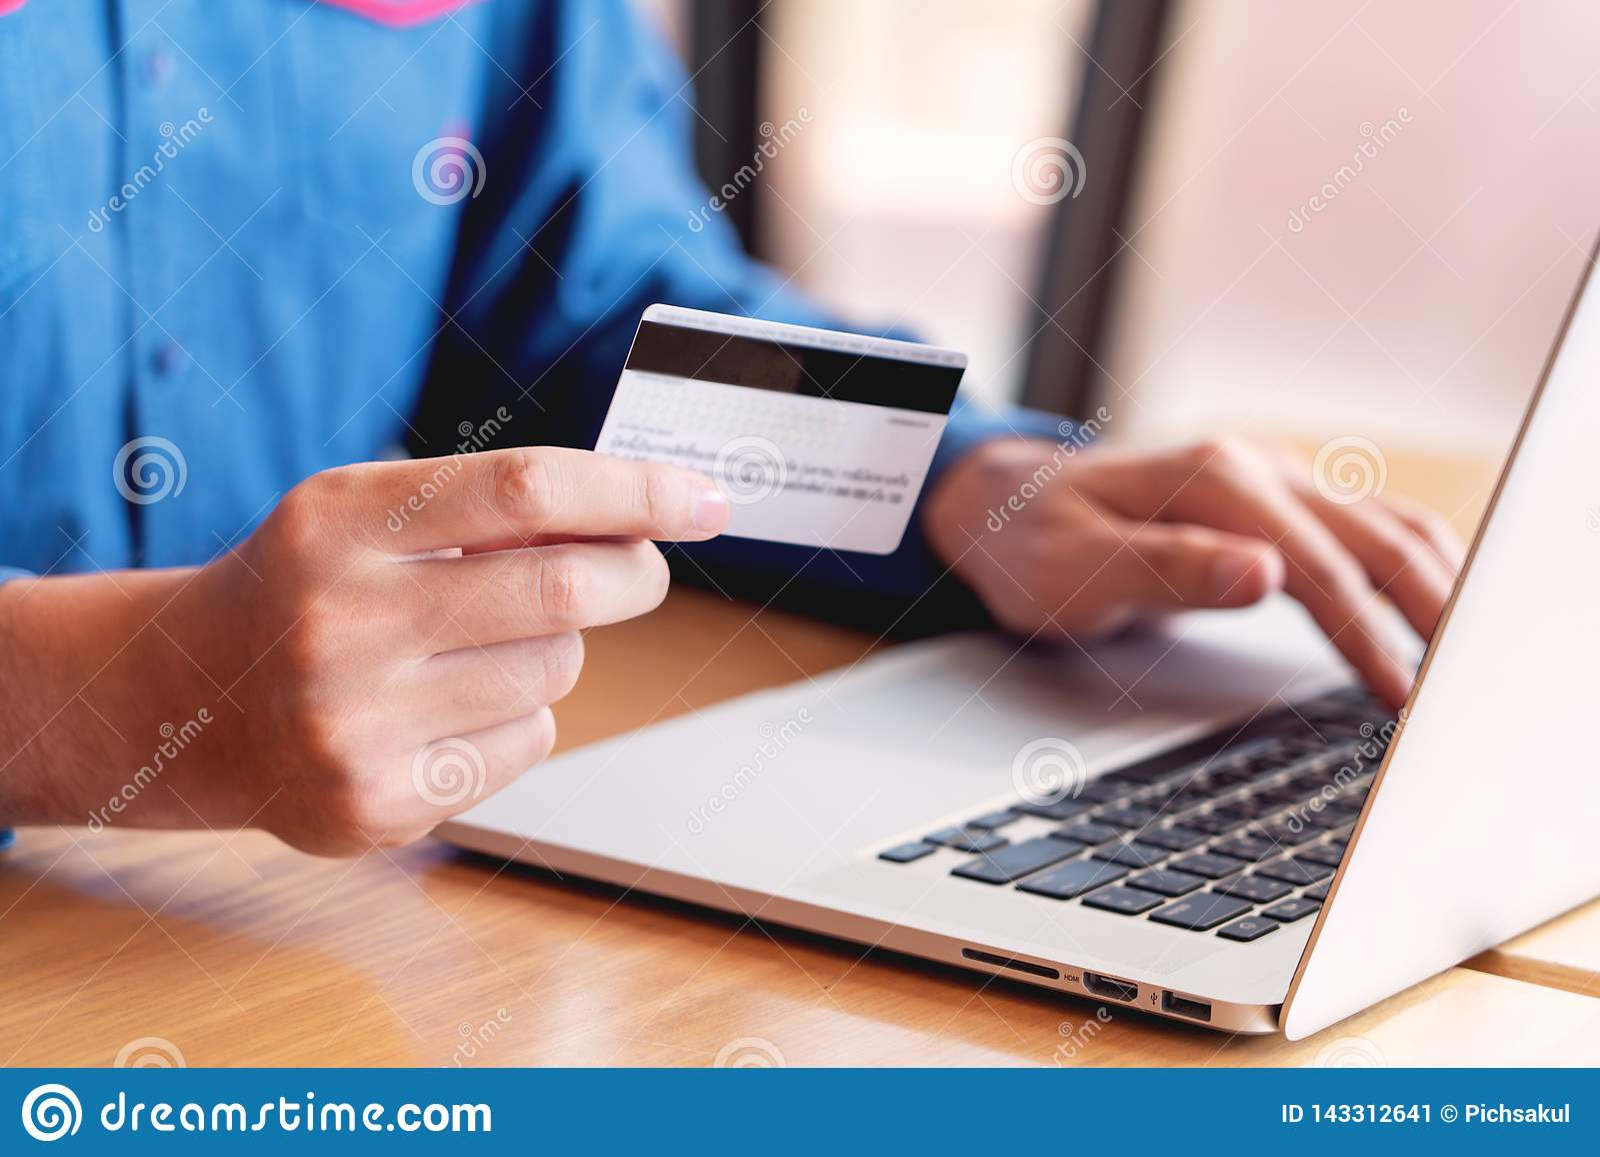 Σε απευθείας σύνδεση έννοια, χέρια που κρατούν την πιστωτική κάρτα και που χρησιμοποιούν το έξυπνο τηλέφωνο ή lap-top ασφαλείας δ